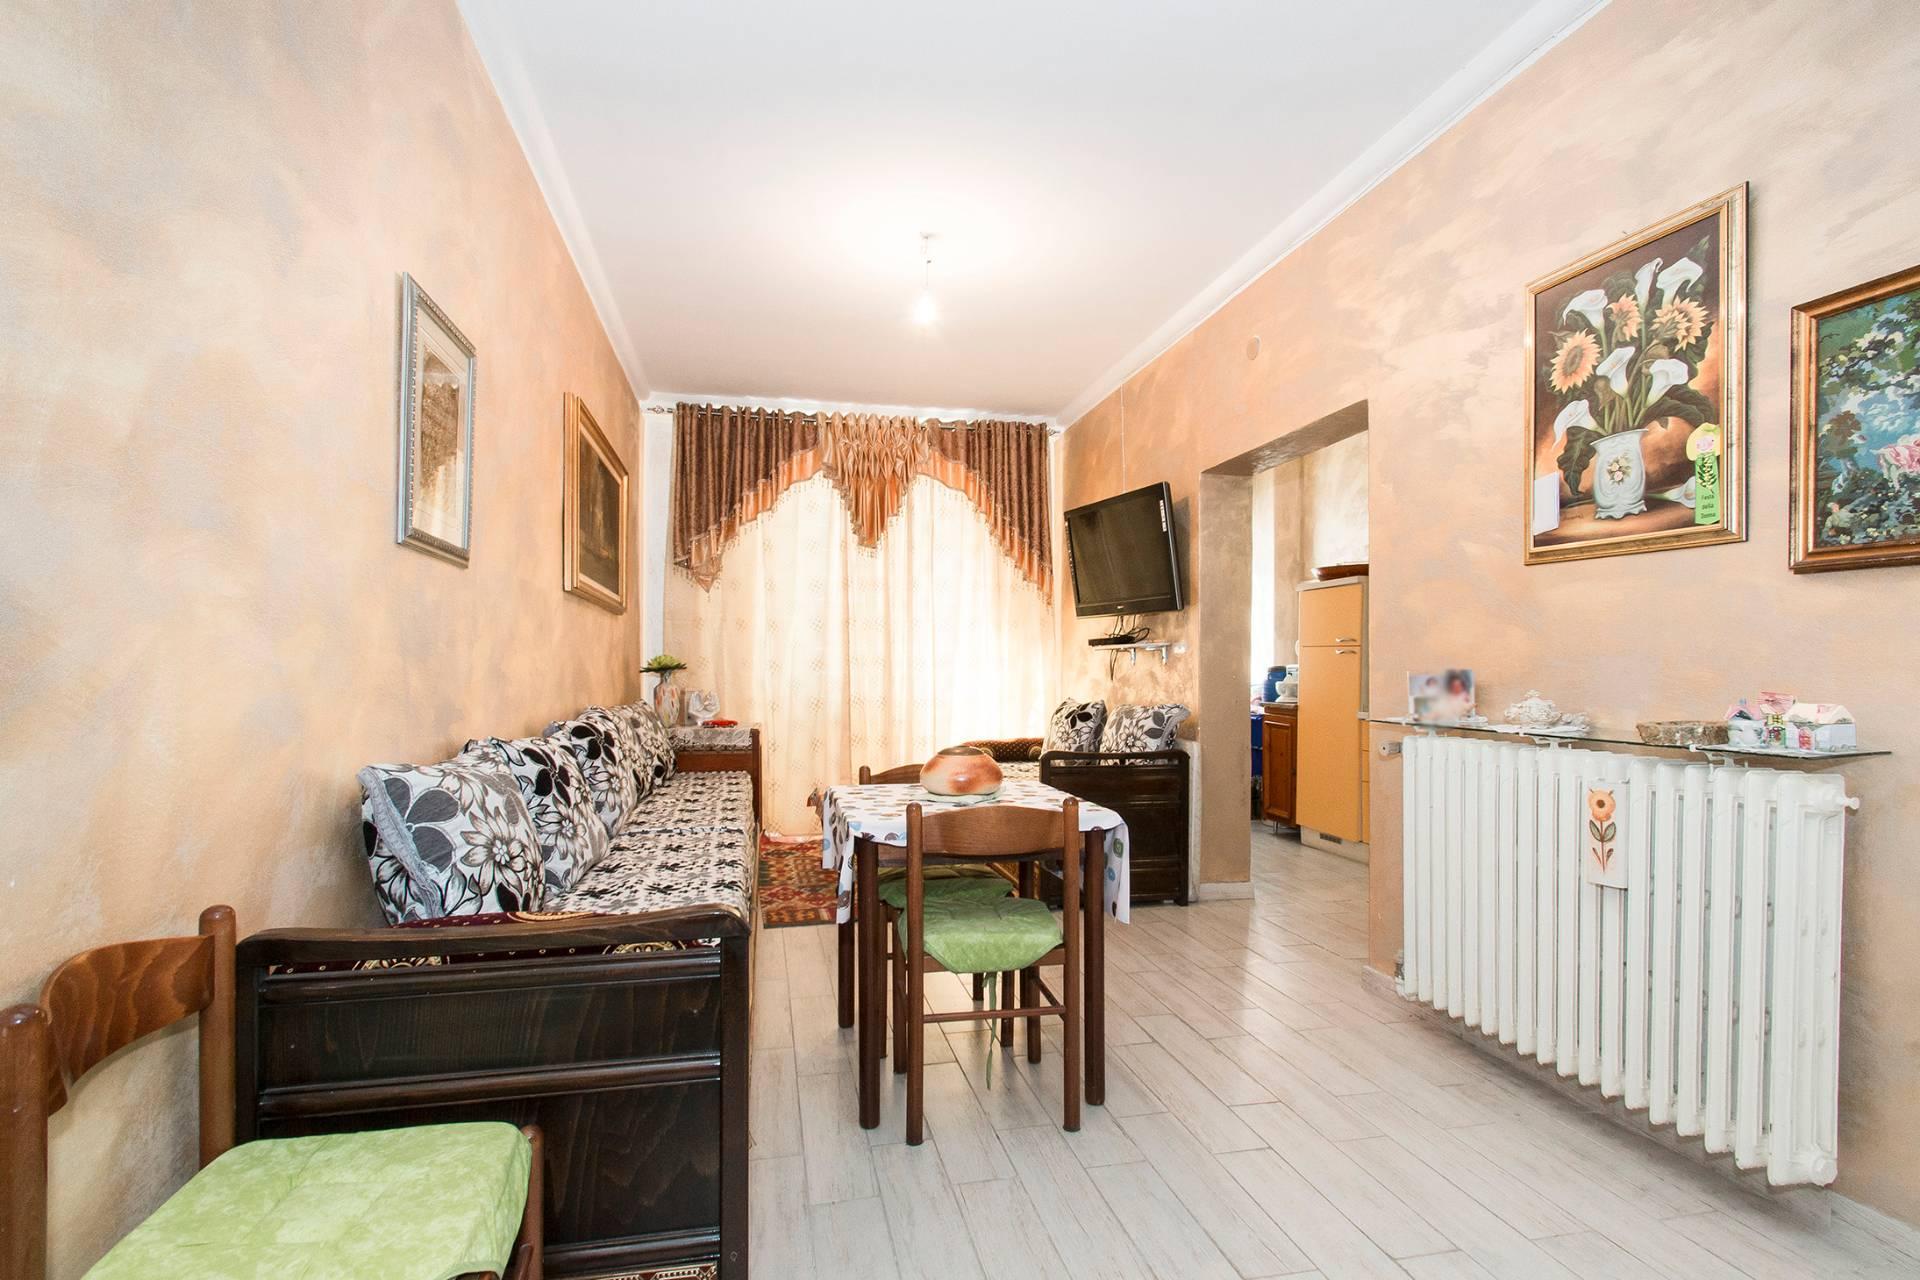 Bilocale Torino Via Chisola, To 4